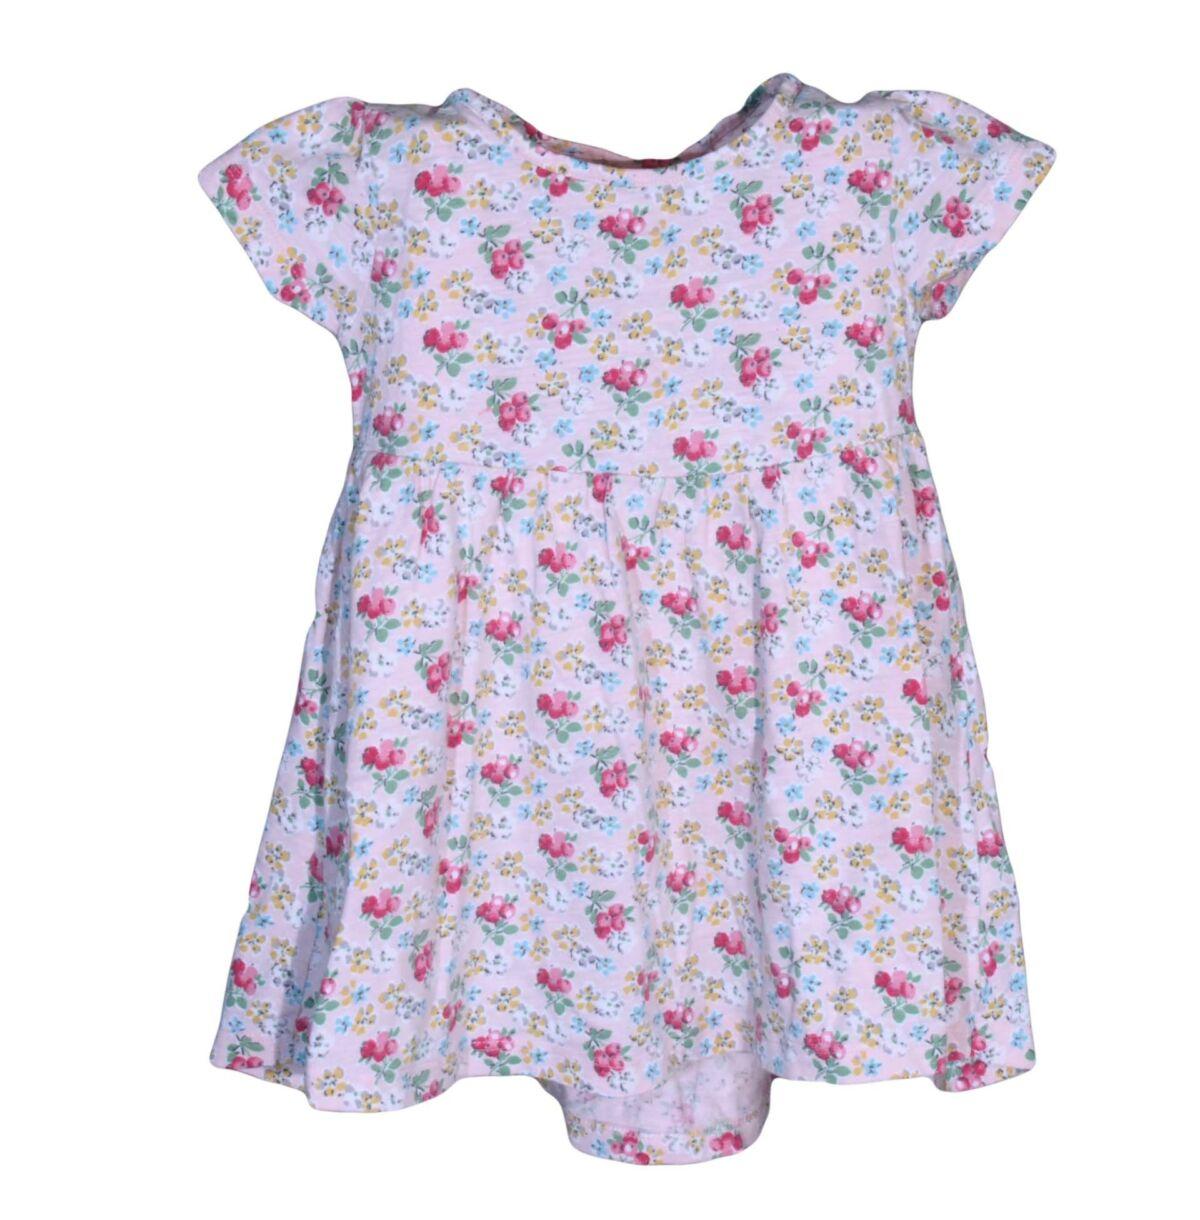 6f5357789a gyerekruha. Rózsaszín bogyós ruha ...